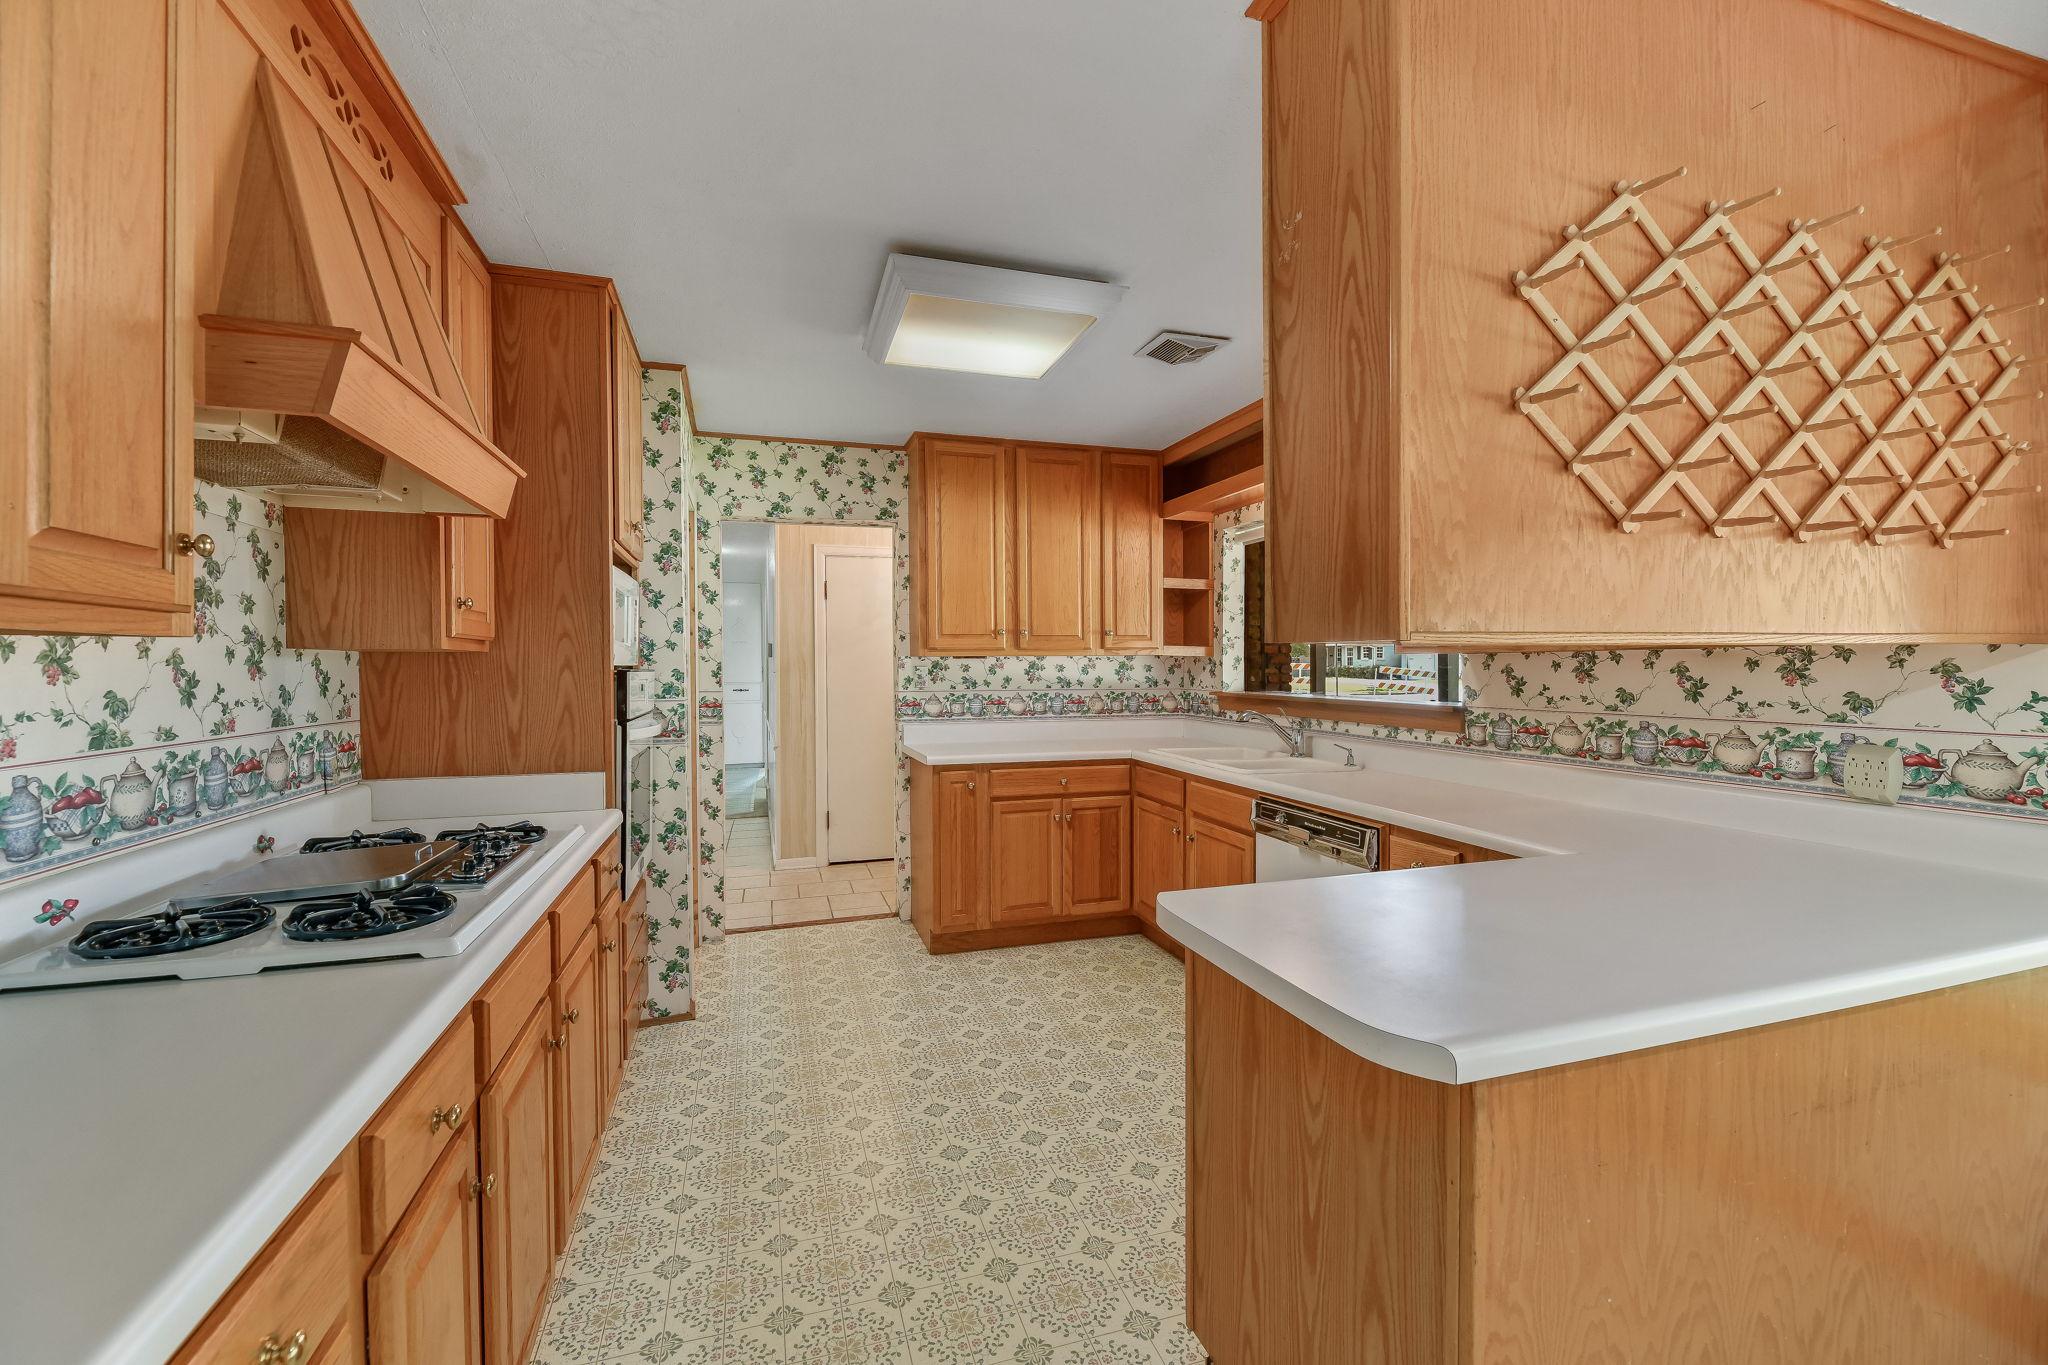 012-Kitchen-FULL